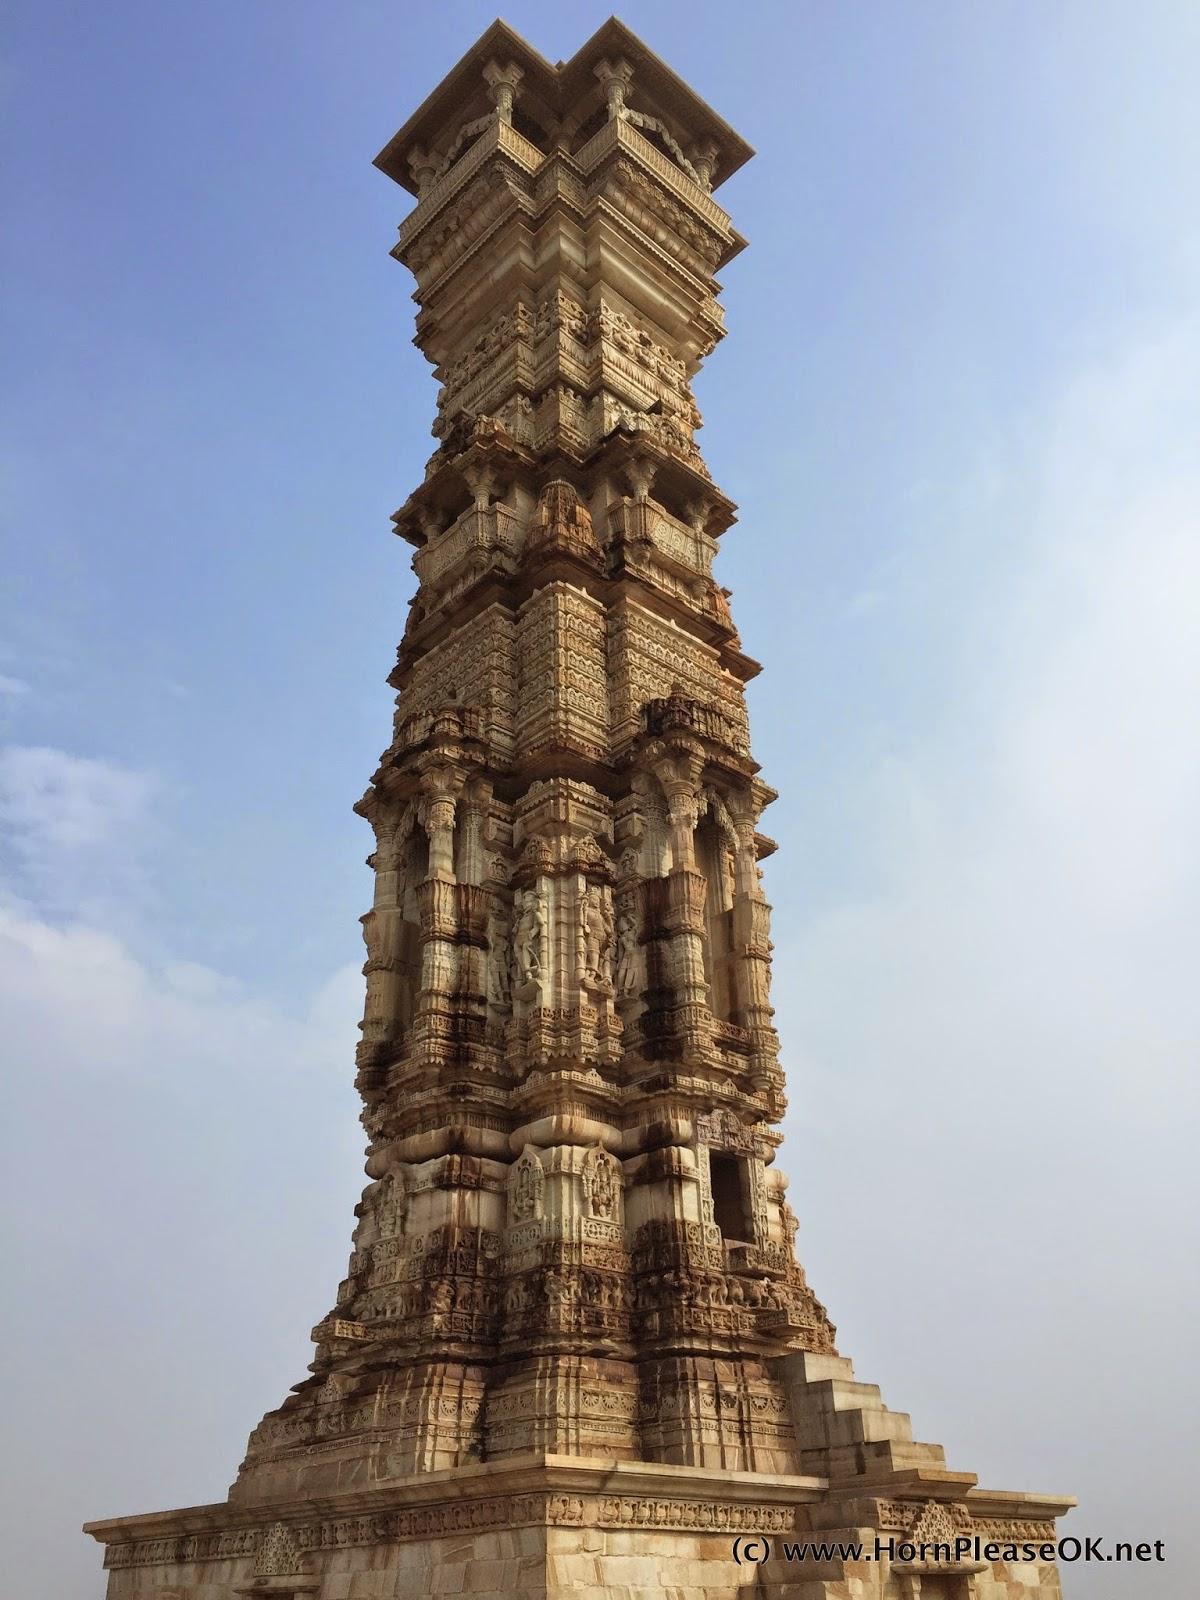 Kirti Stambh, Chittorgarh Fort